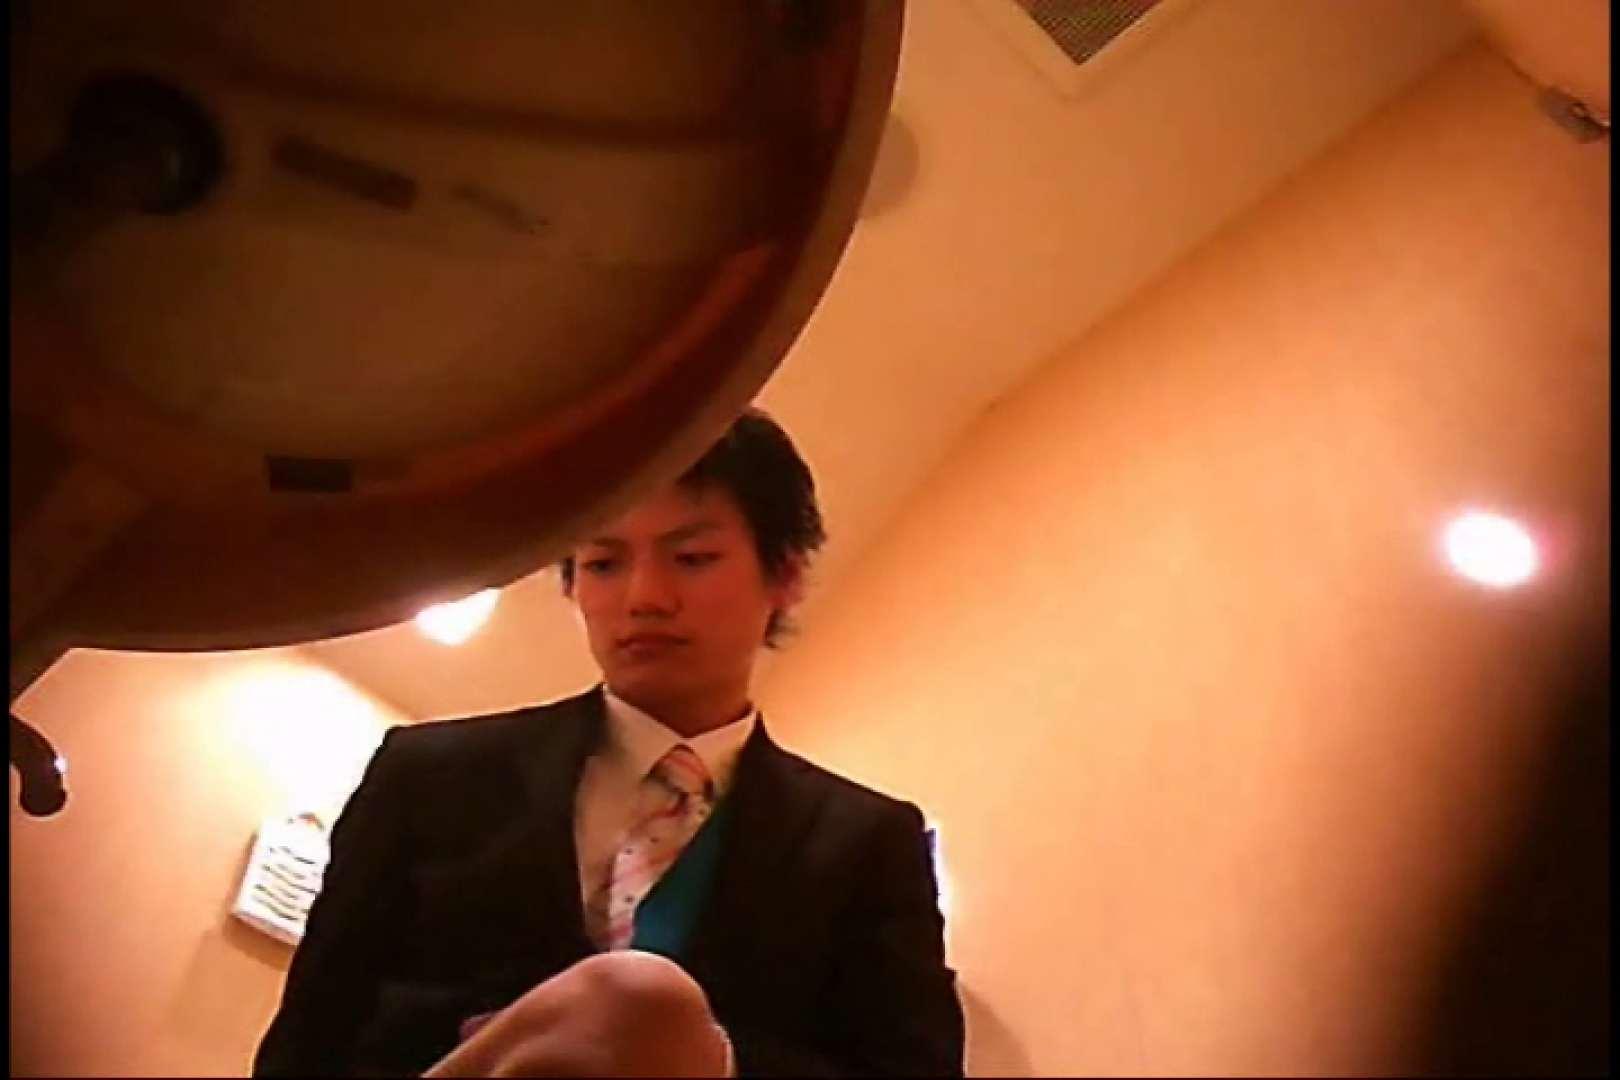 Gボーイ初投稿!掴み取りさんの洗面所覗き!in新幹線!VOL.04 スーツボーイズ   のぞき  65pic 29